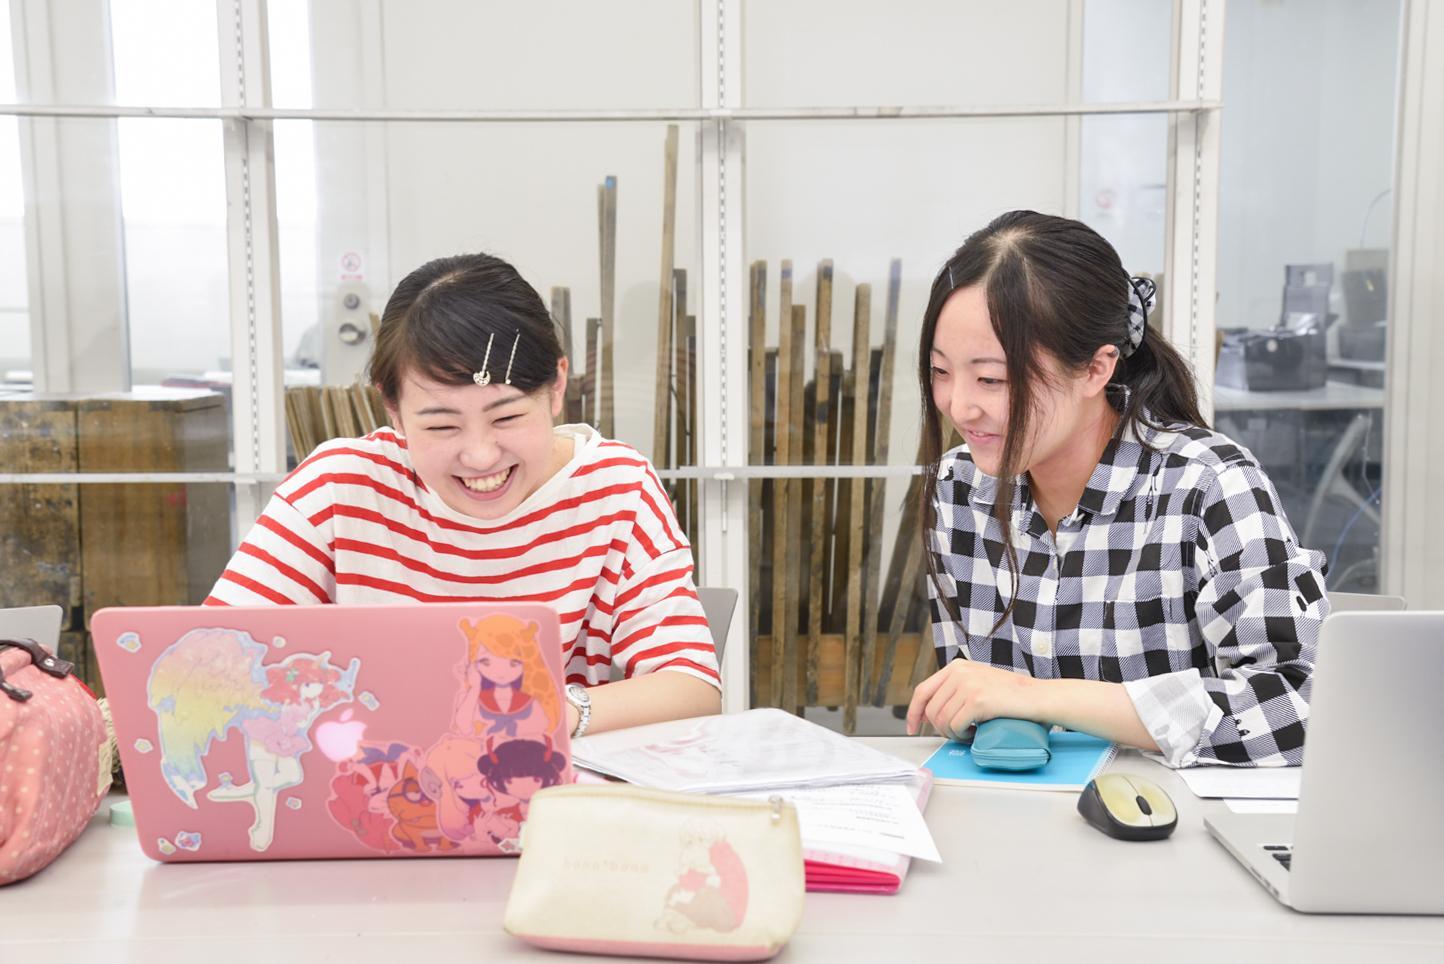 【学歴・指導経験不問】WEBやWEBデザインの初歩を指導できる方、お待ちしております!